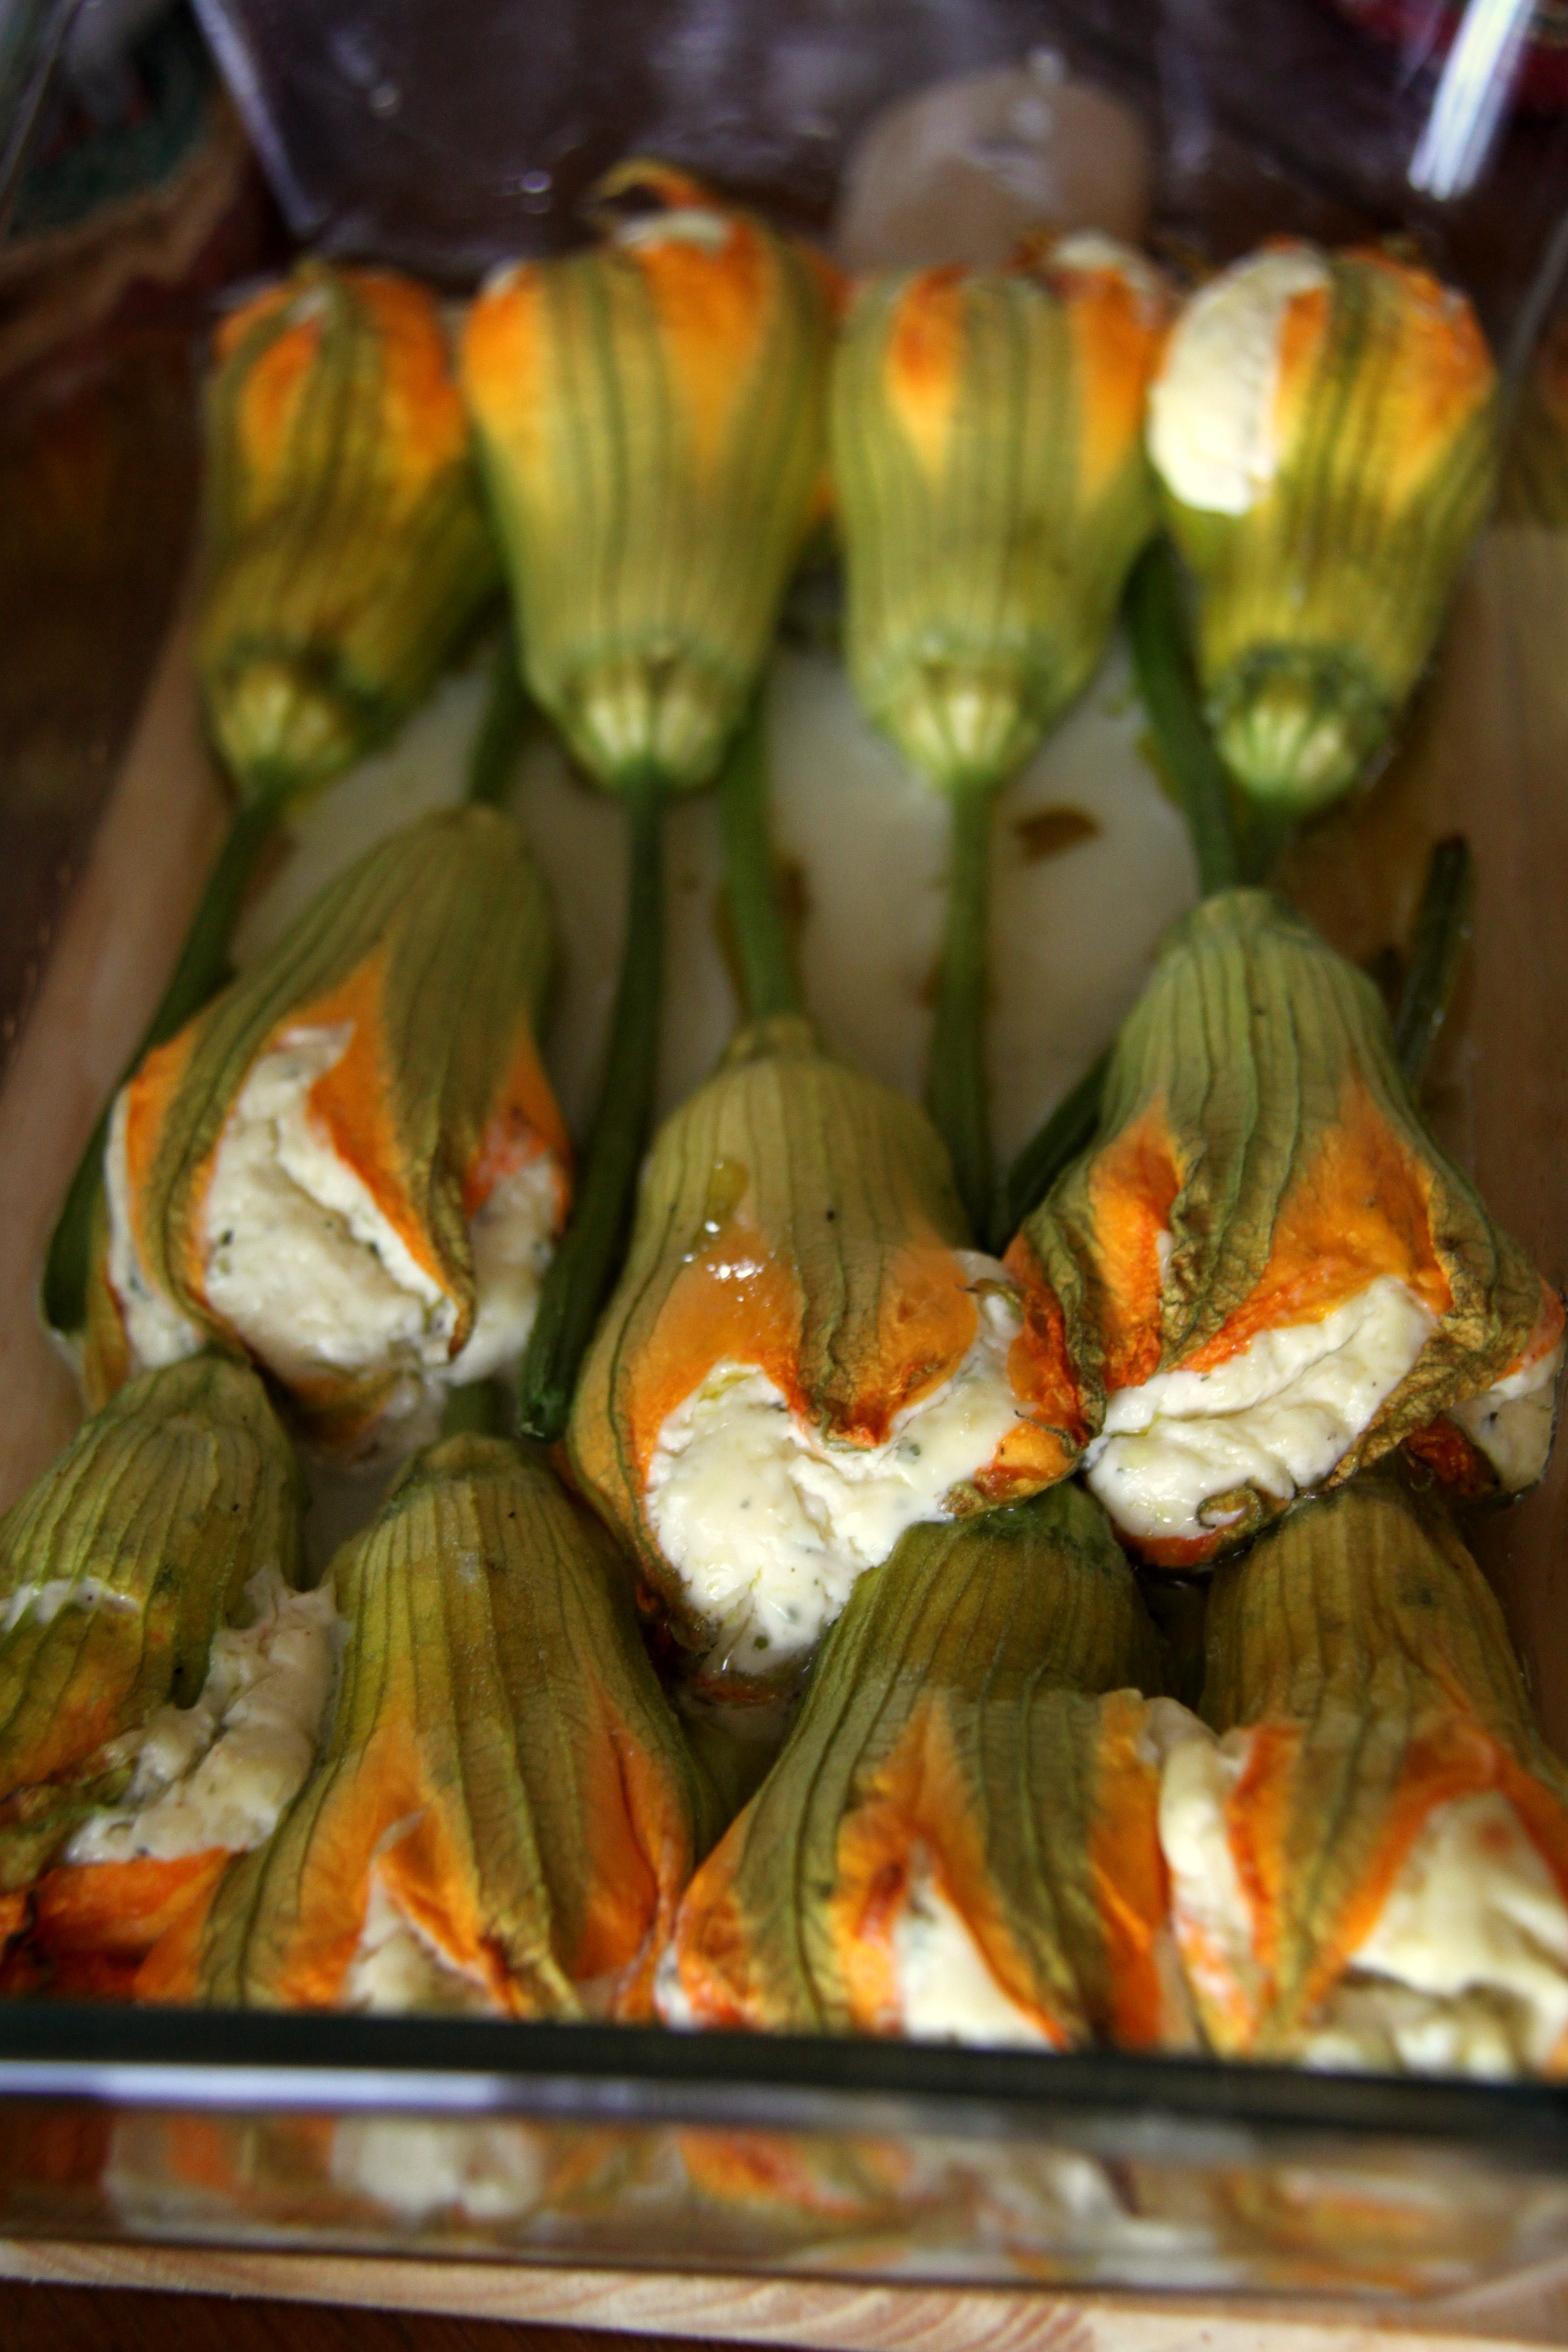 Fiori di Zucca ripieni ~ Filled Zucchini Flowers